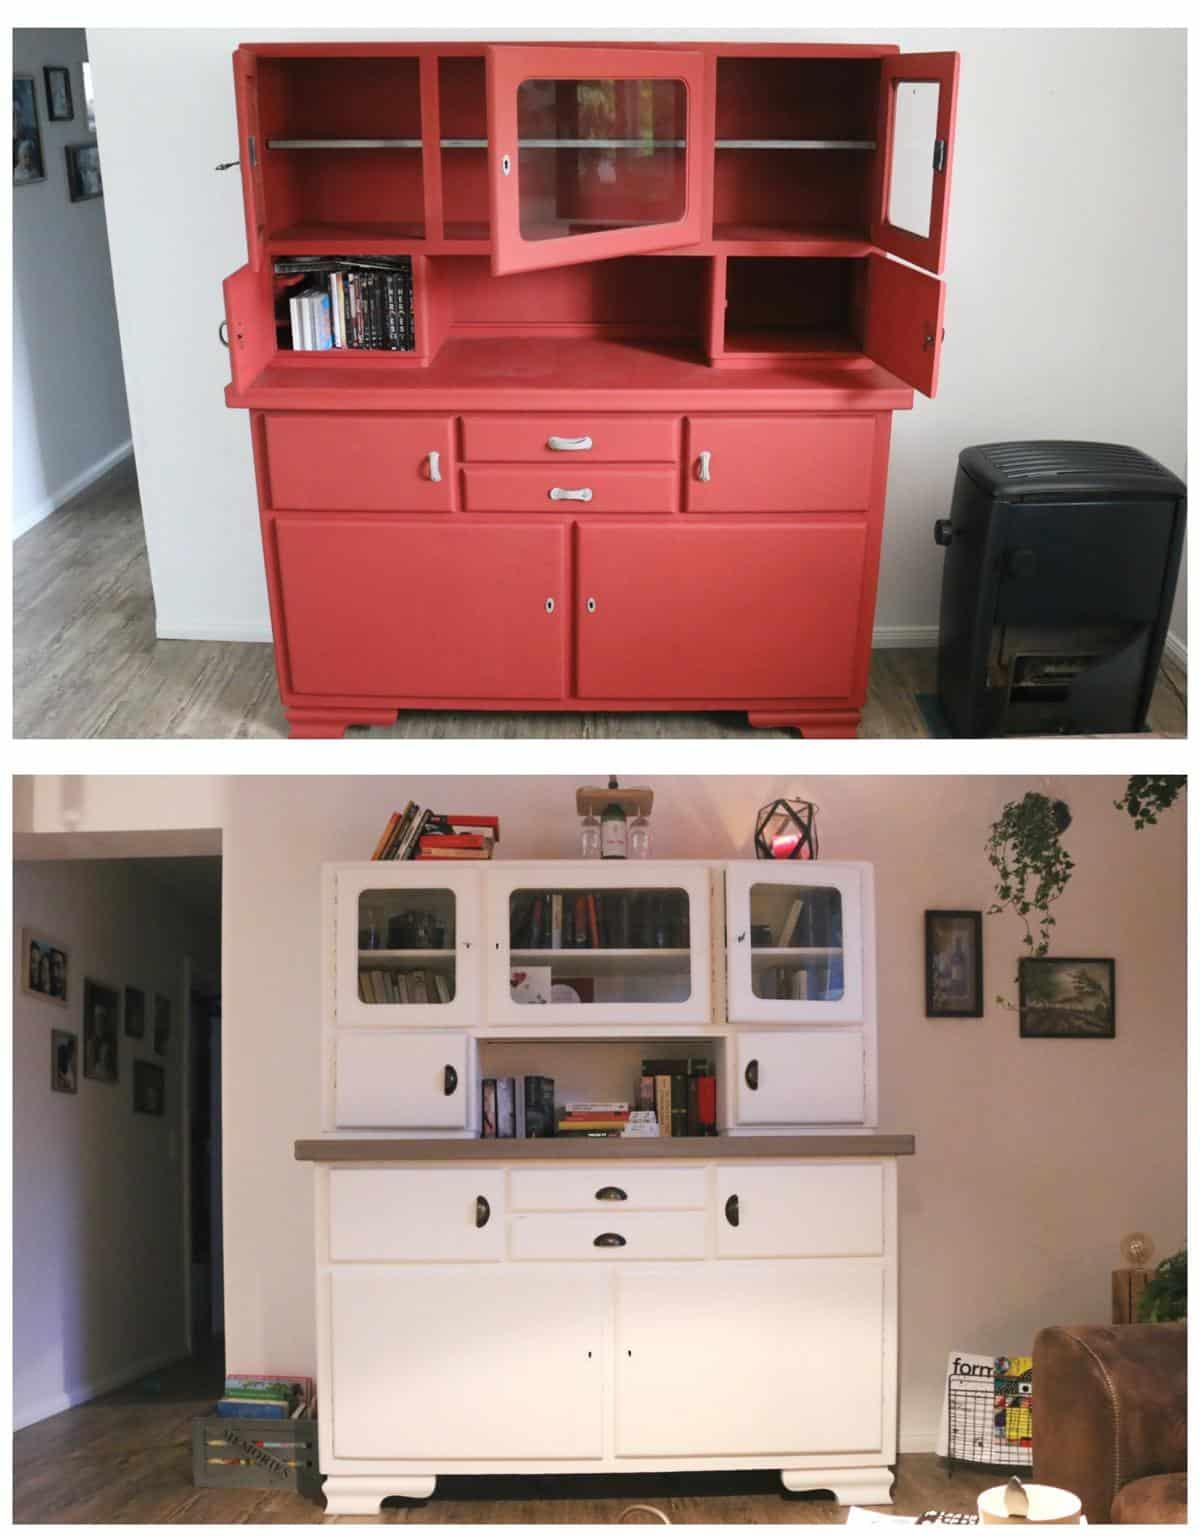 ᐅ Wohnzimmer einrichten & gestalten - Room Makeover DIY - Tipps 2017